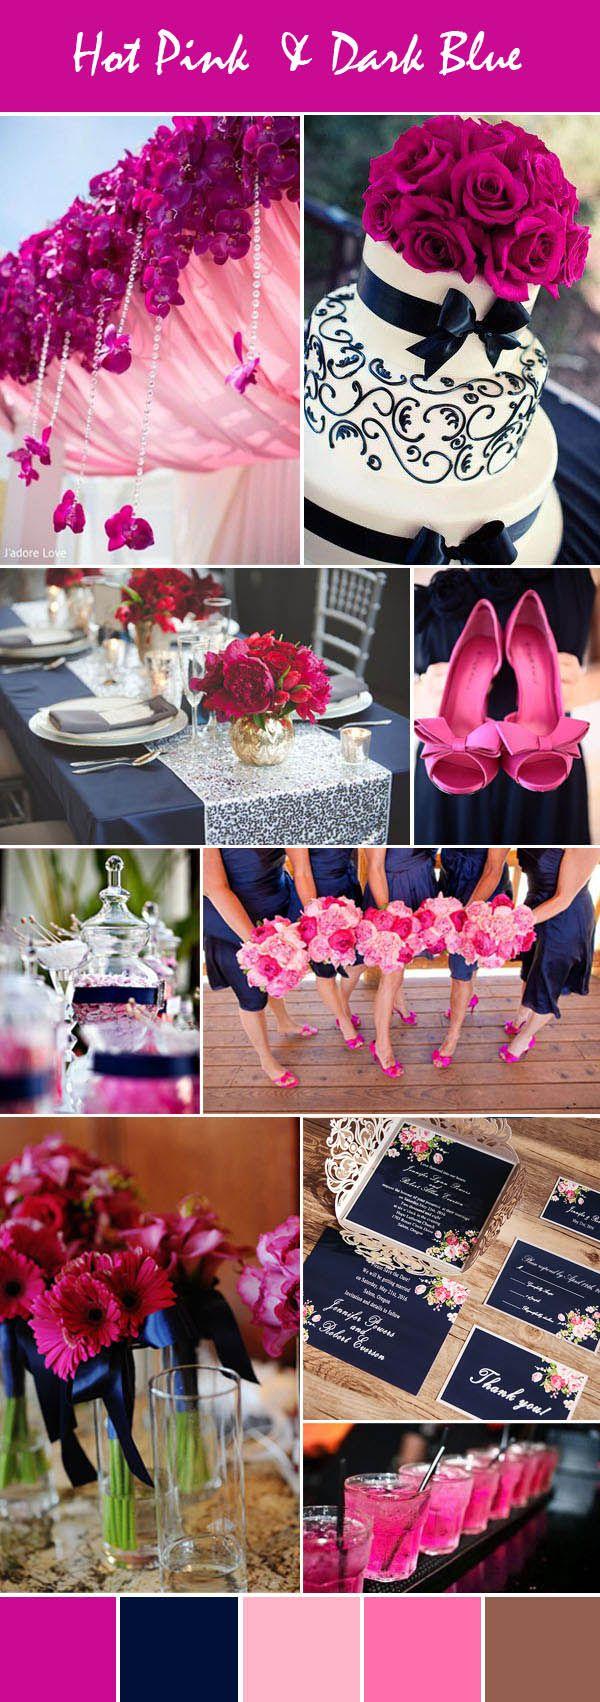 Fucsia con azul turquí como paleta de colores para tu boda. #BodasAzul